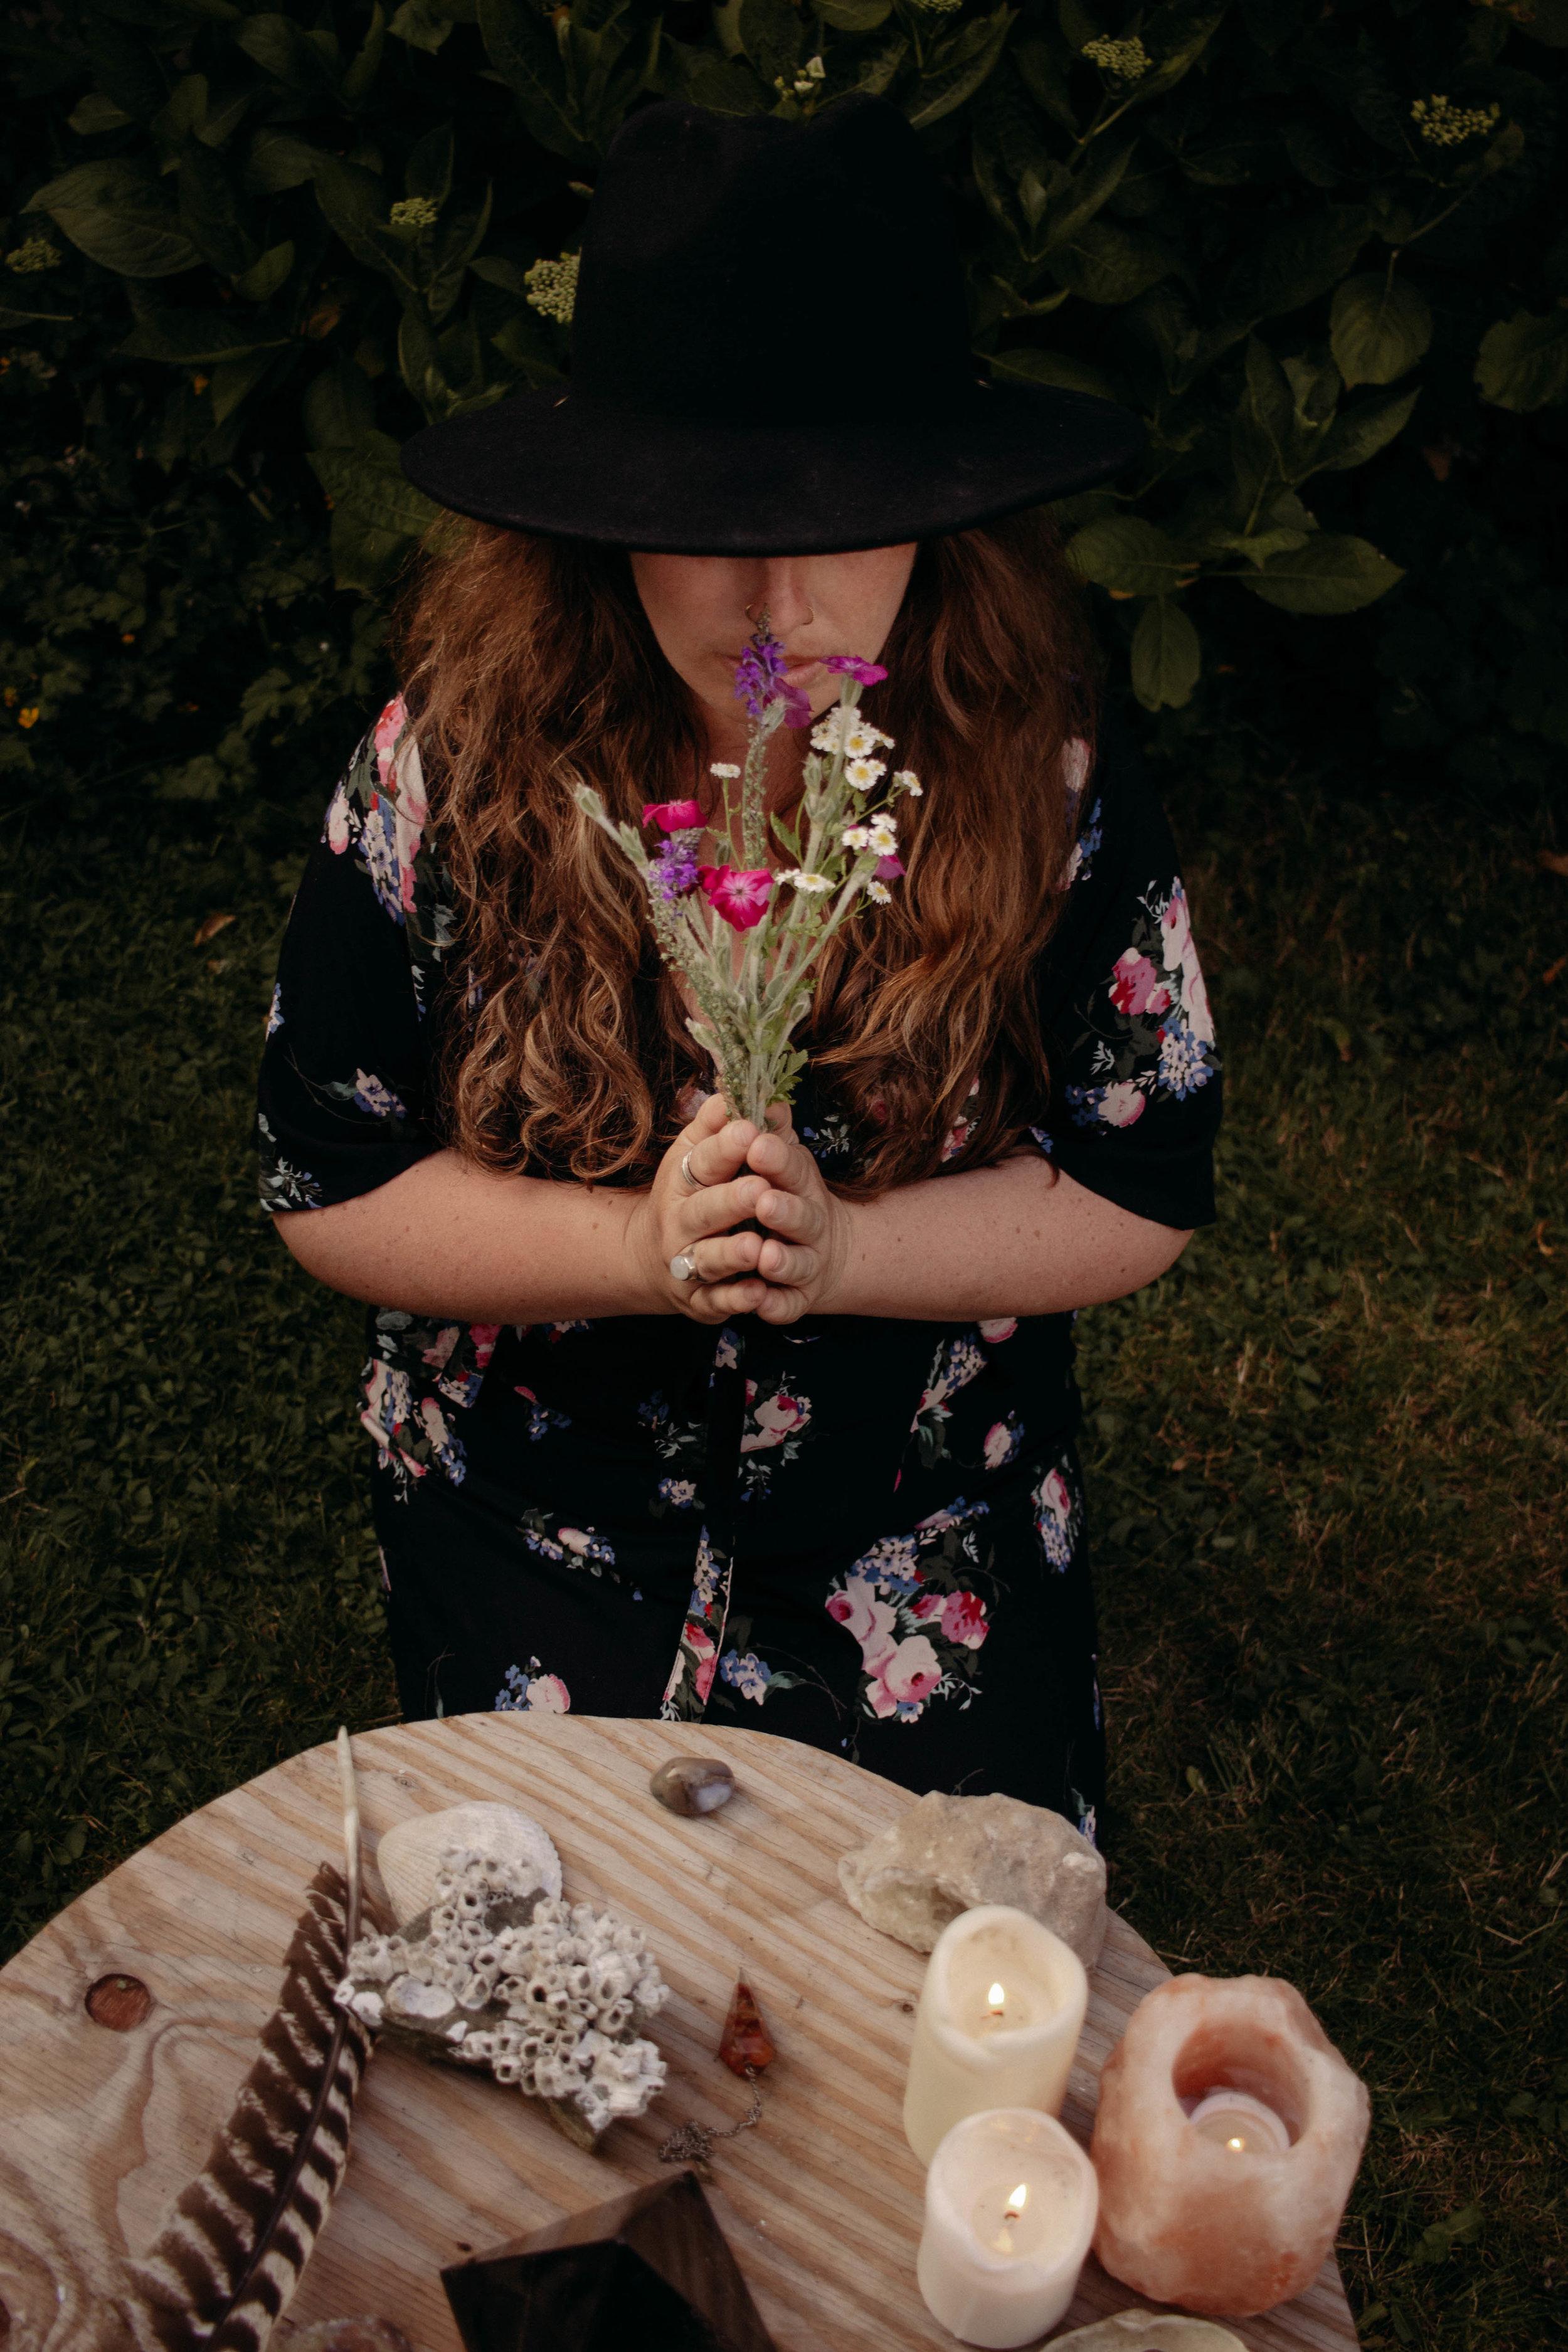 christa-fontaine_backyard-summer-shoot-67.jpg